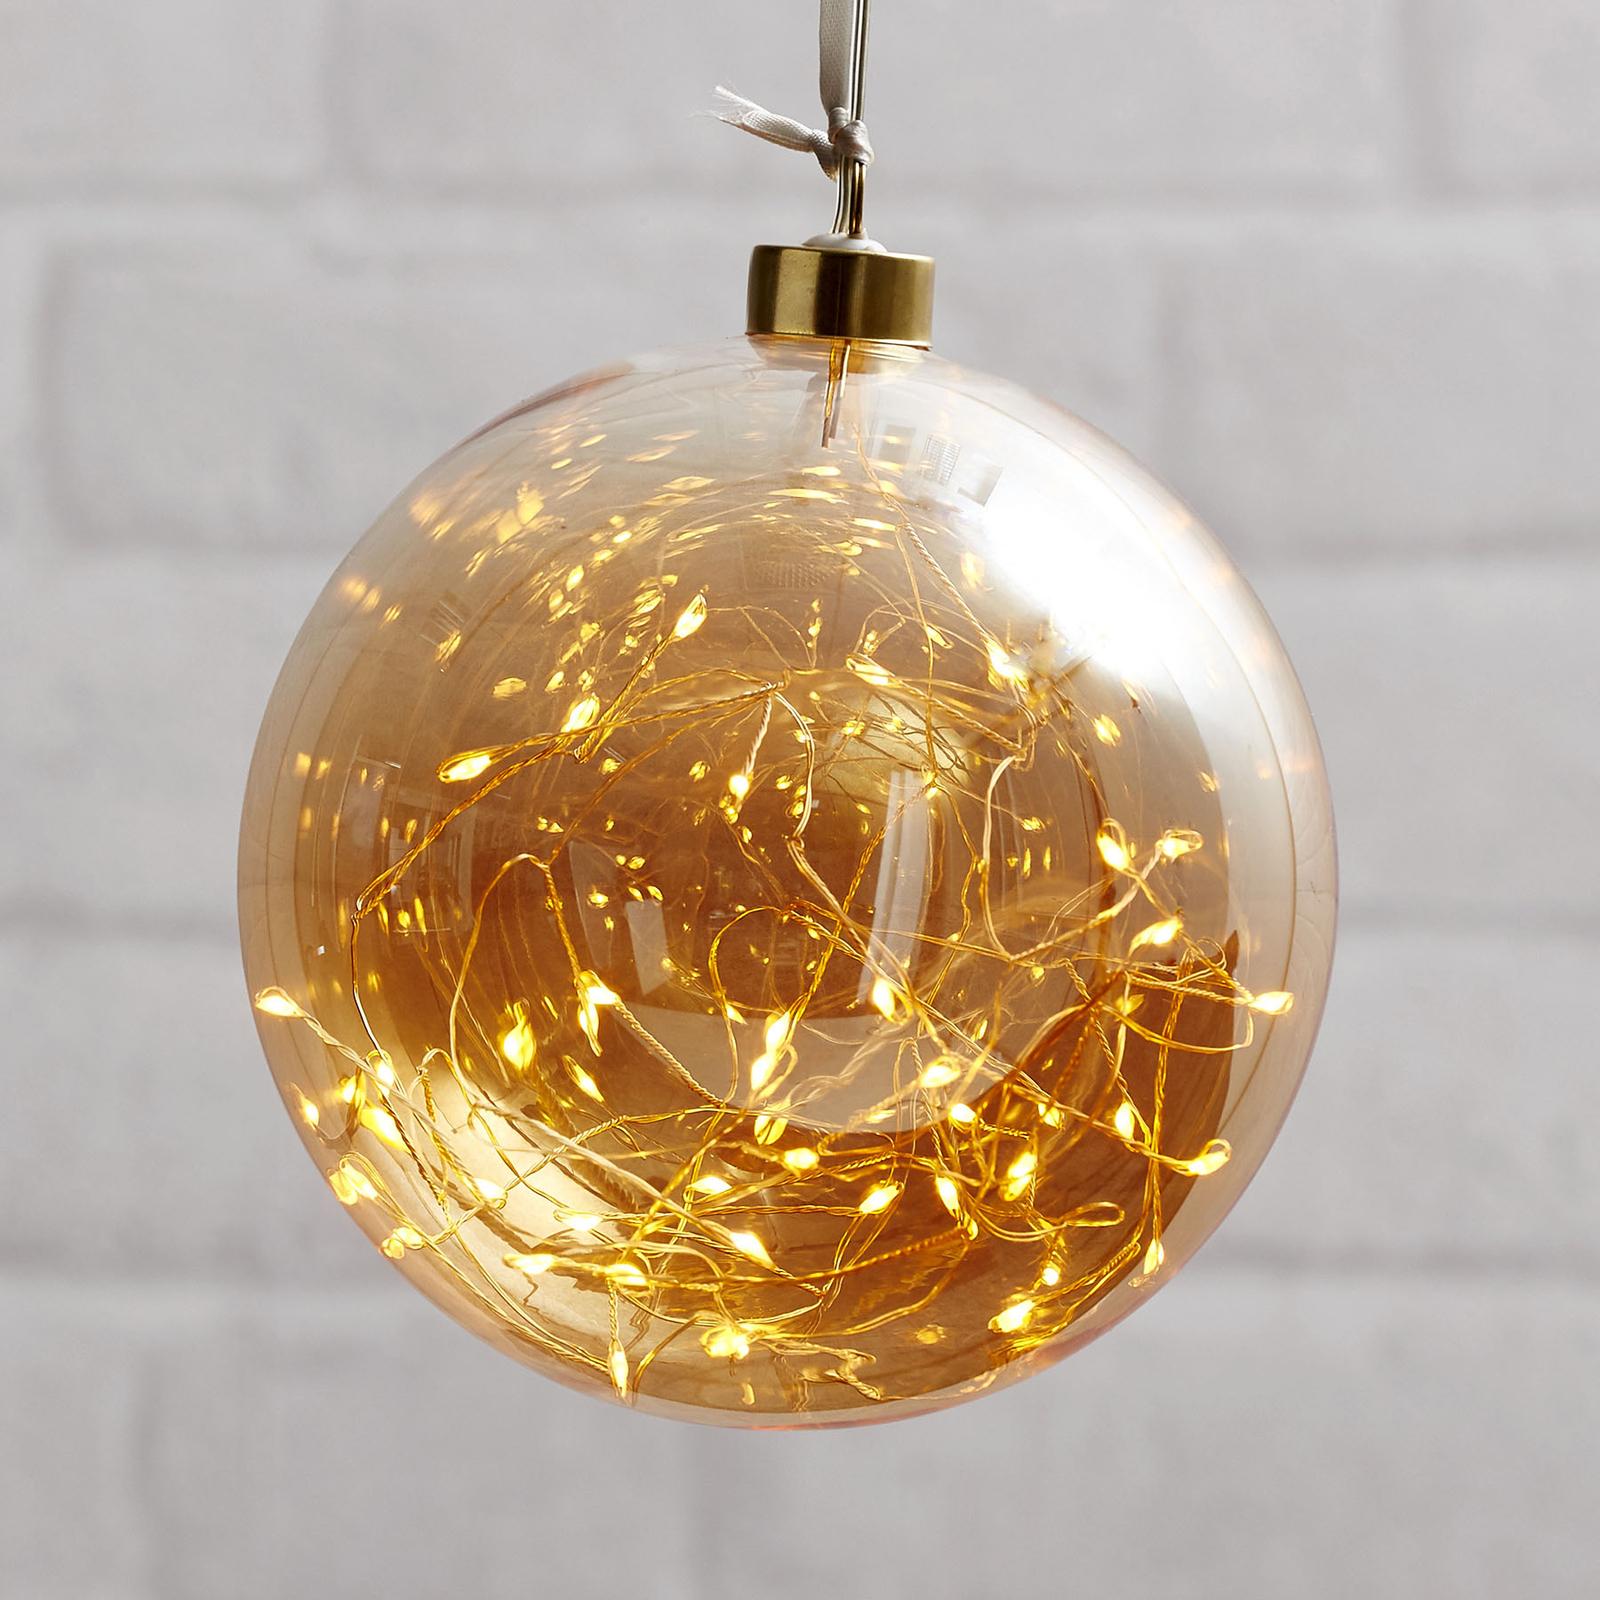 Läs mer om LED-dekorkula Glow av glas, Ø 15 cm bärnsten